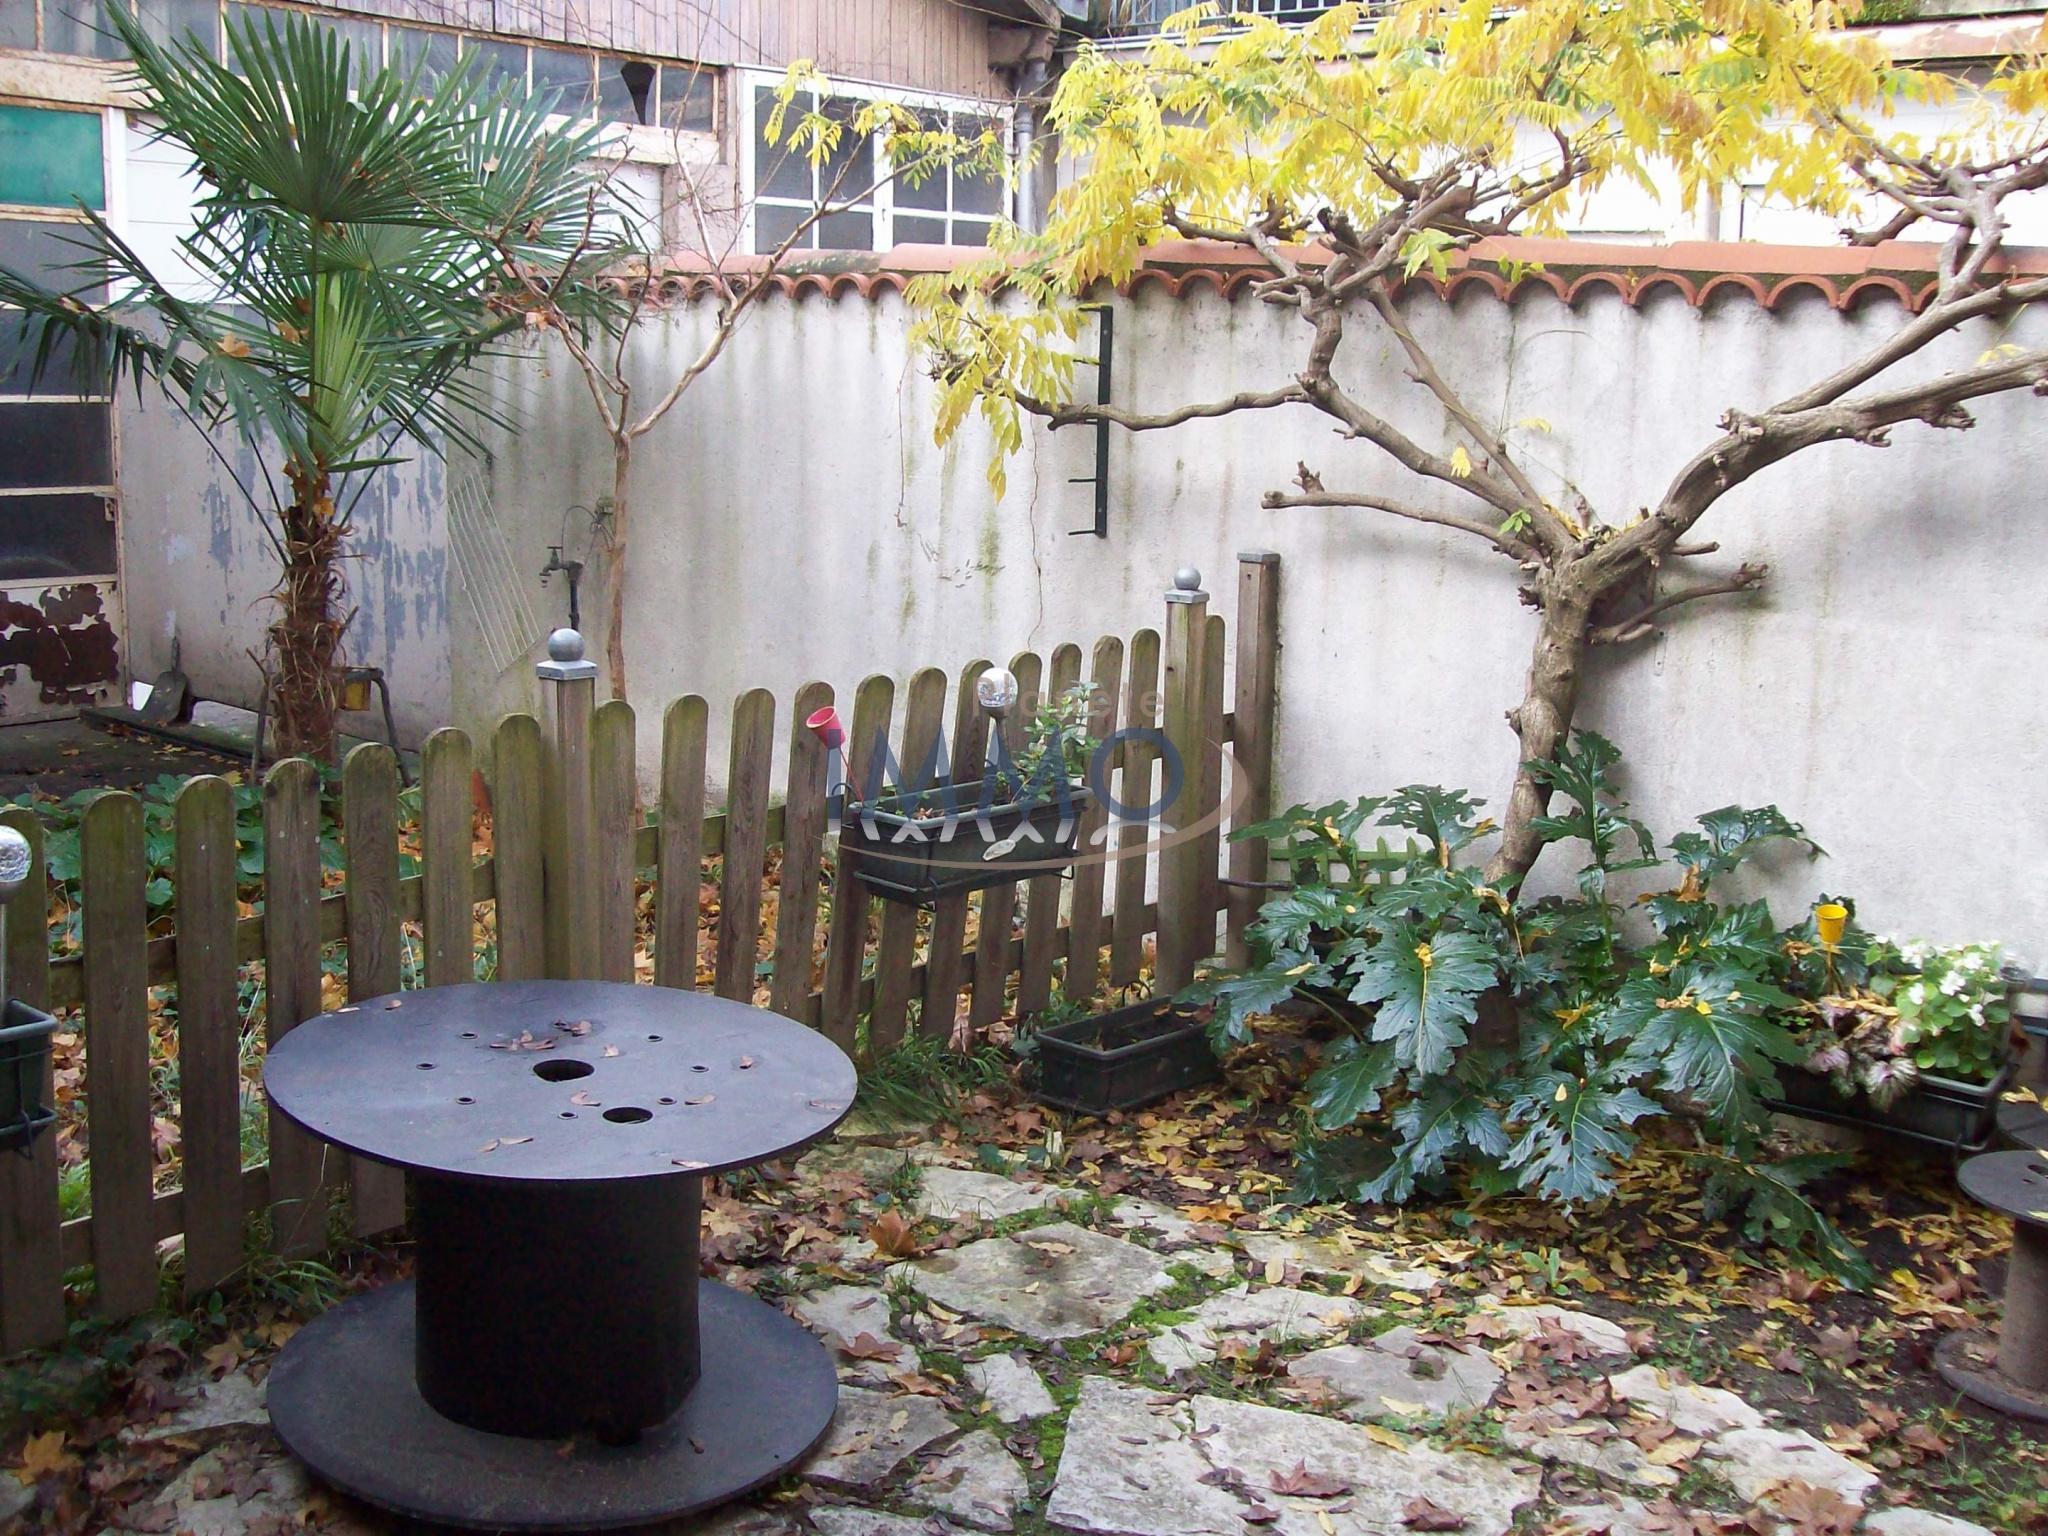 Location toulouse jardin des plantes ravissant t1bis de caract re jardin - Toulouse jardin des plantes ...